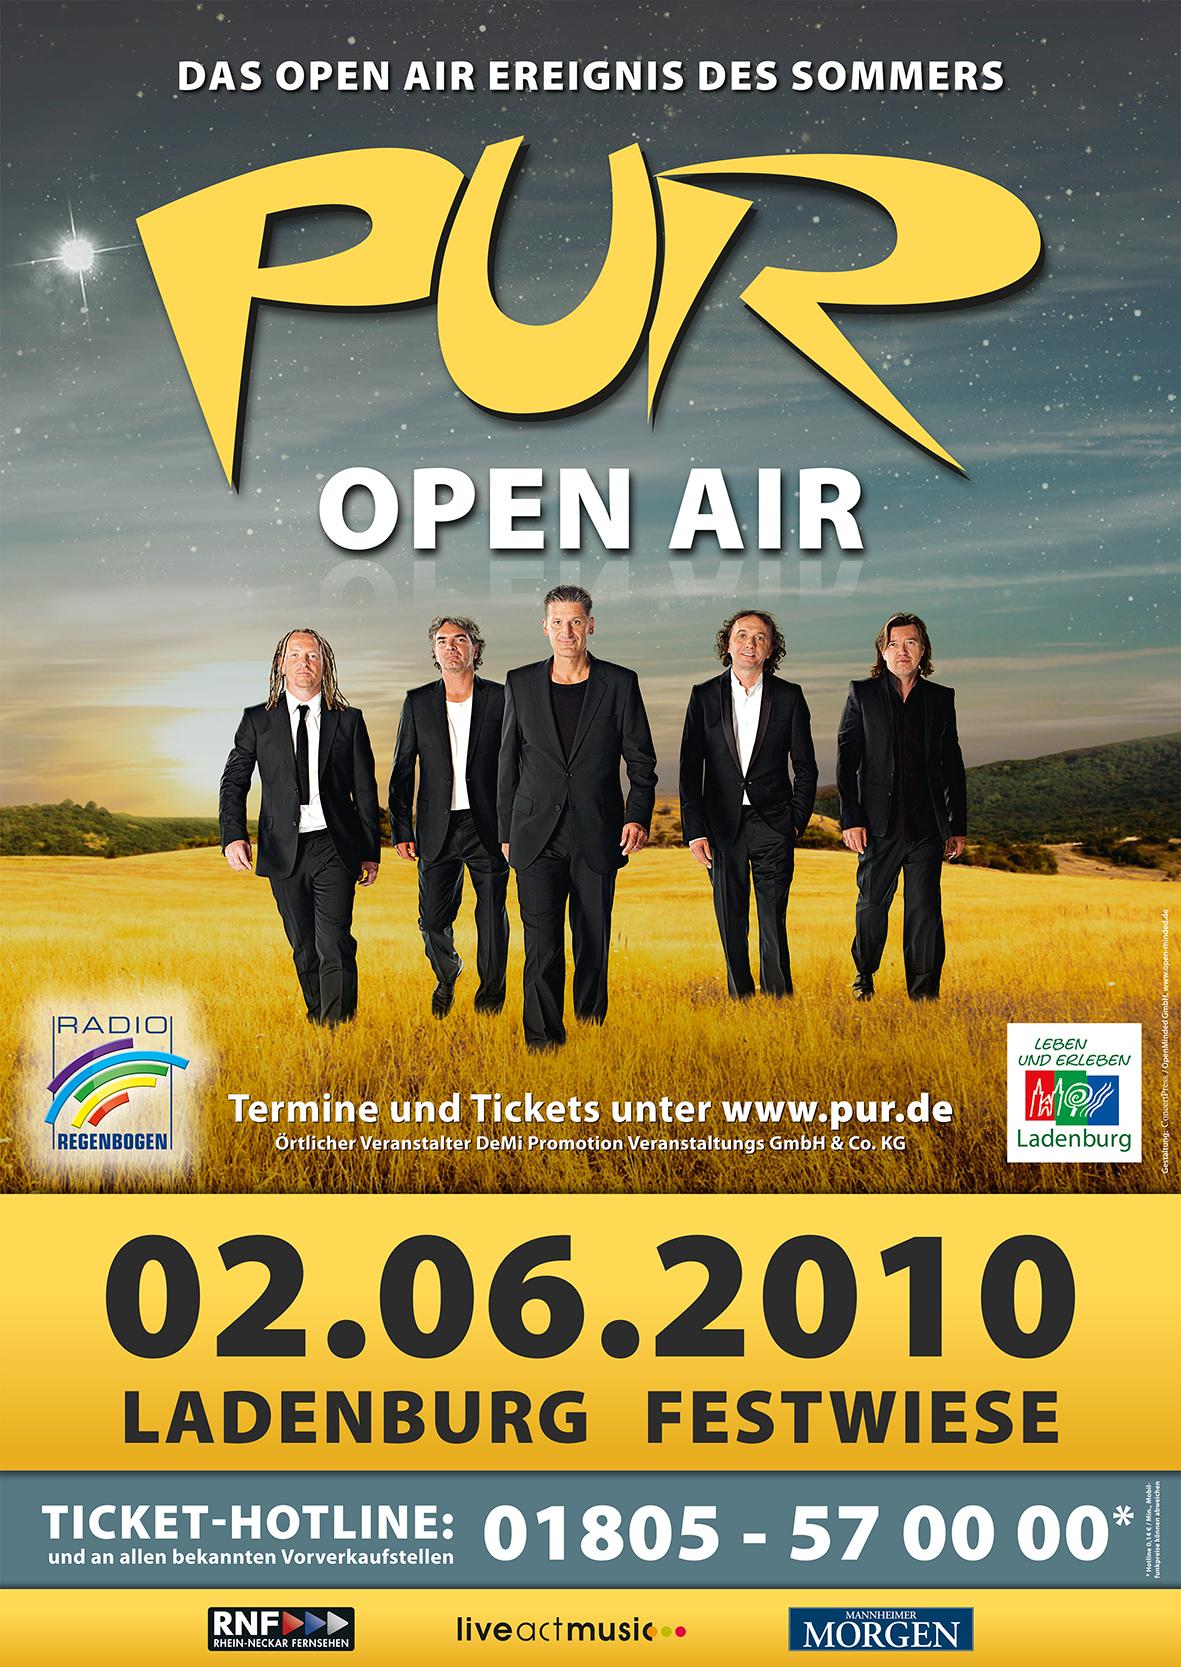 PUR-OpenAir2010-Plakate-DINA3_rzNE U